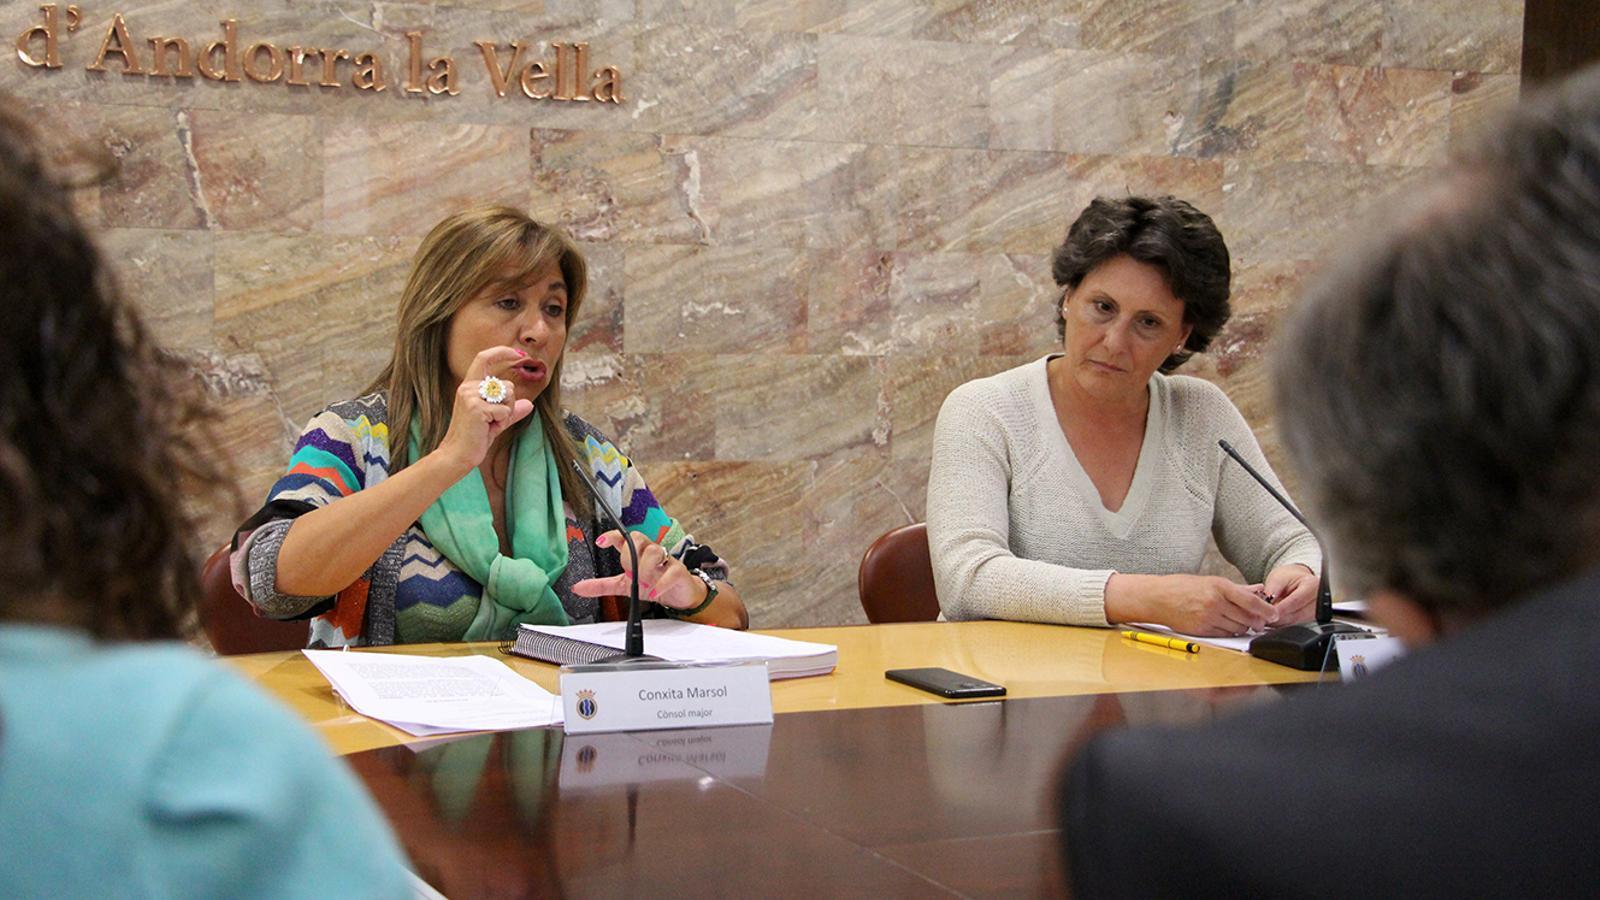 La cònsol major, Conxita Marsol, i la presidenta del Sindicat de treballadors del comú d'Andorra la Vella (Sitca), Emi Matarrodona, durant la roda de premsa. / M. M. (ANA)